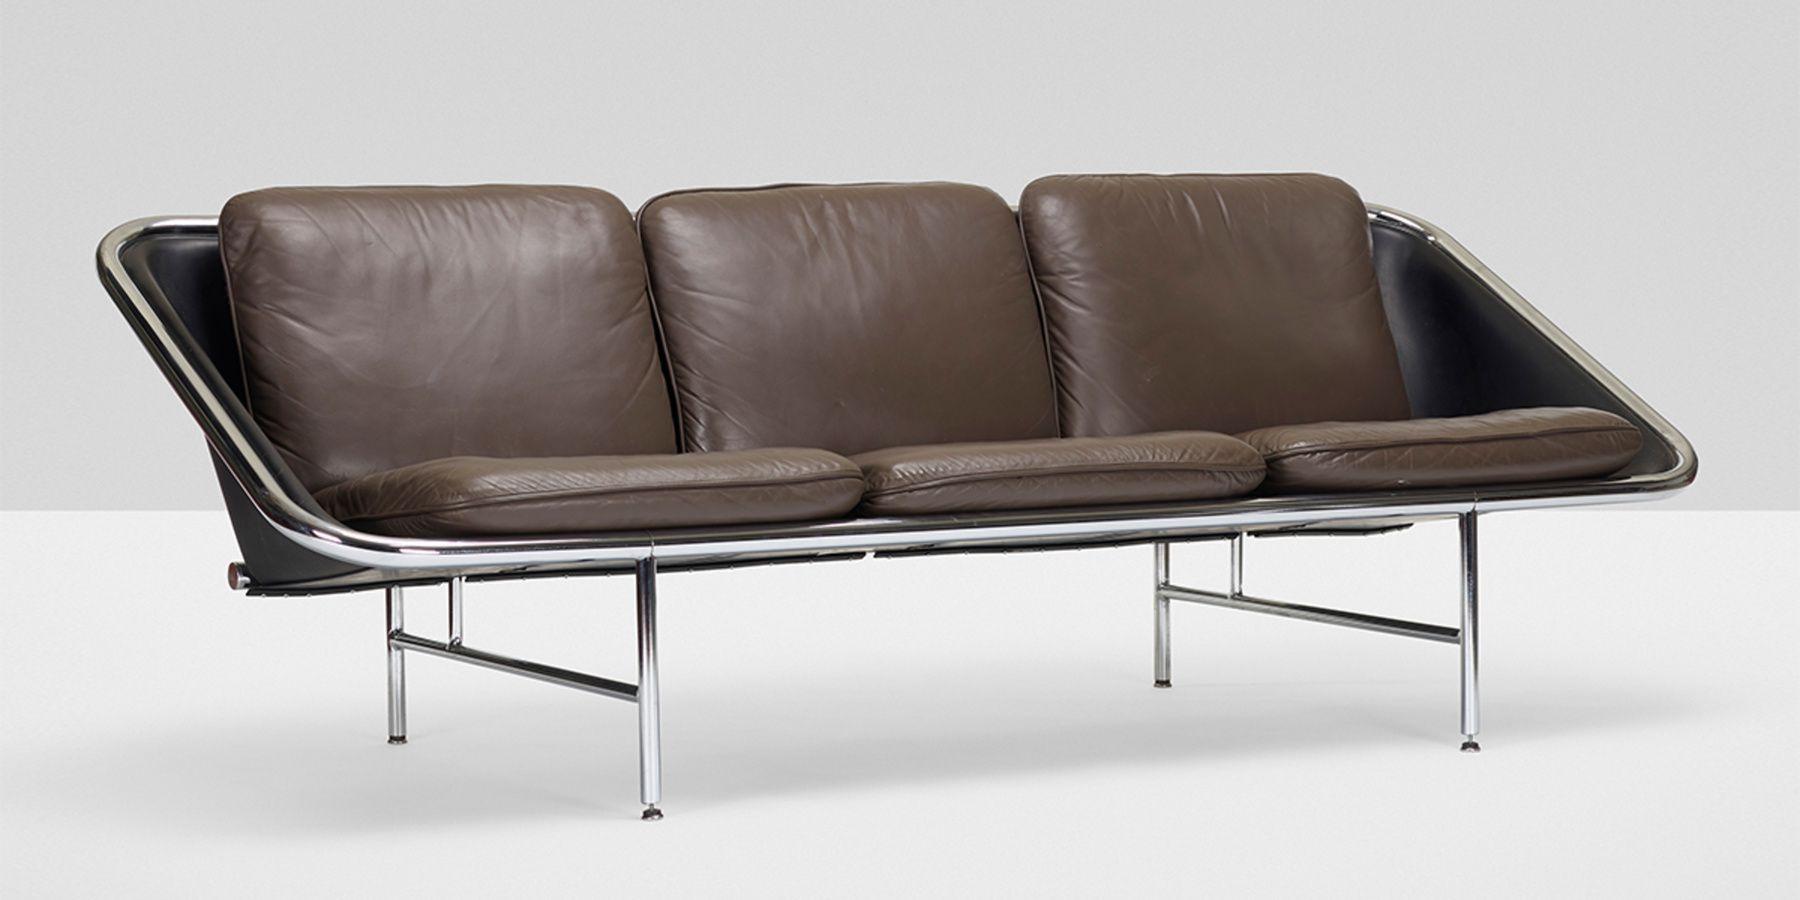 George Nelson Associates Sling Sofa Model 6832 Wright20 Com